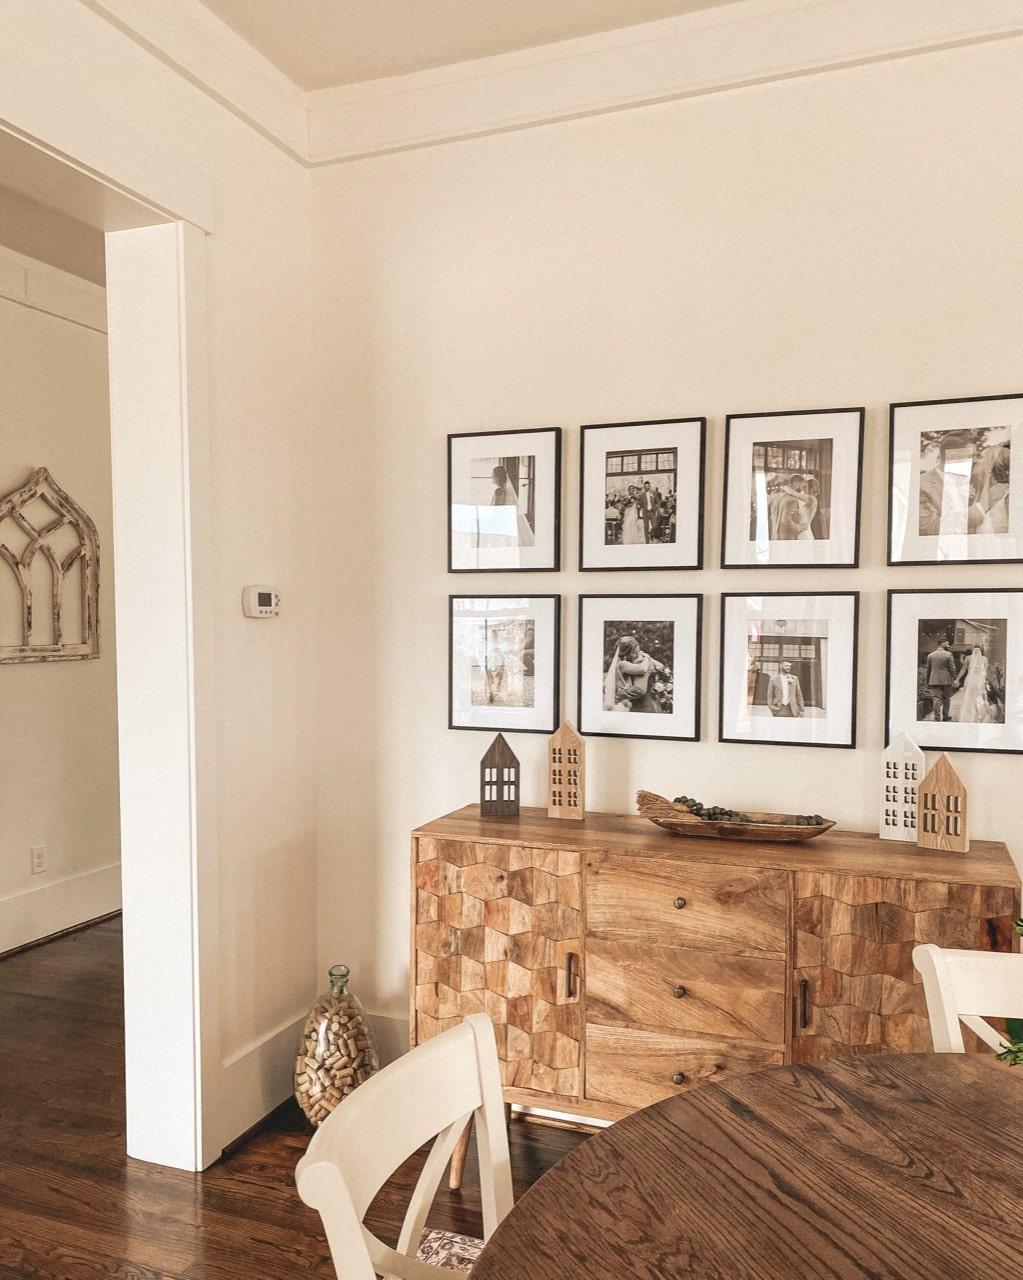 Ashford frame style gallery wall